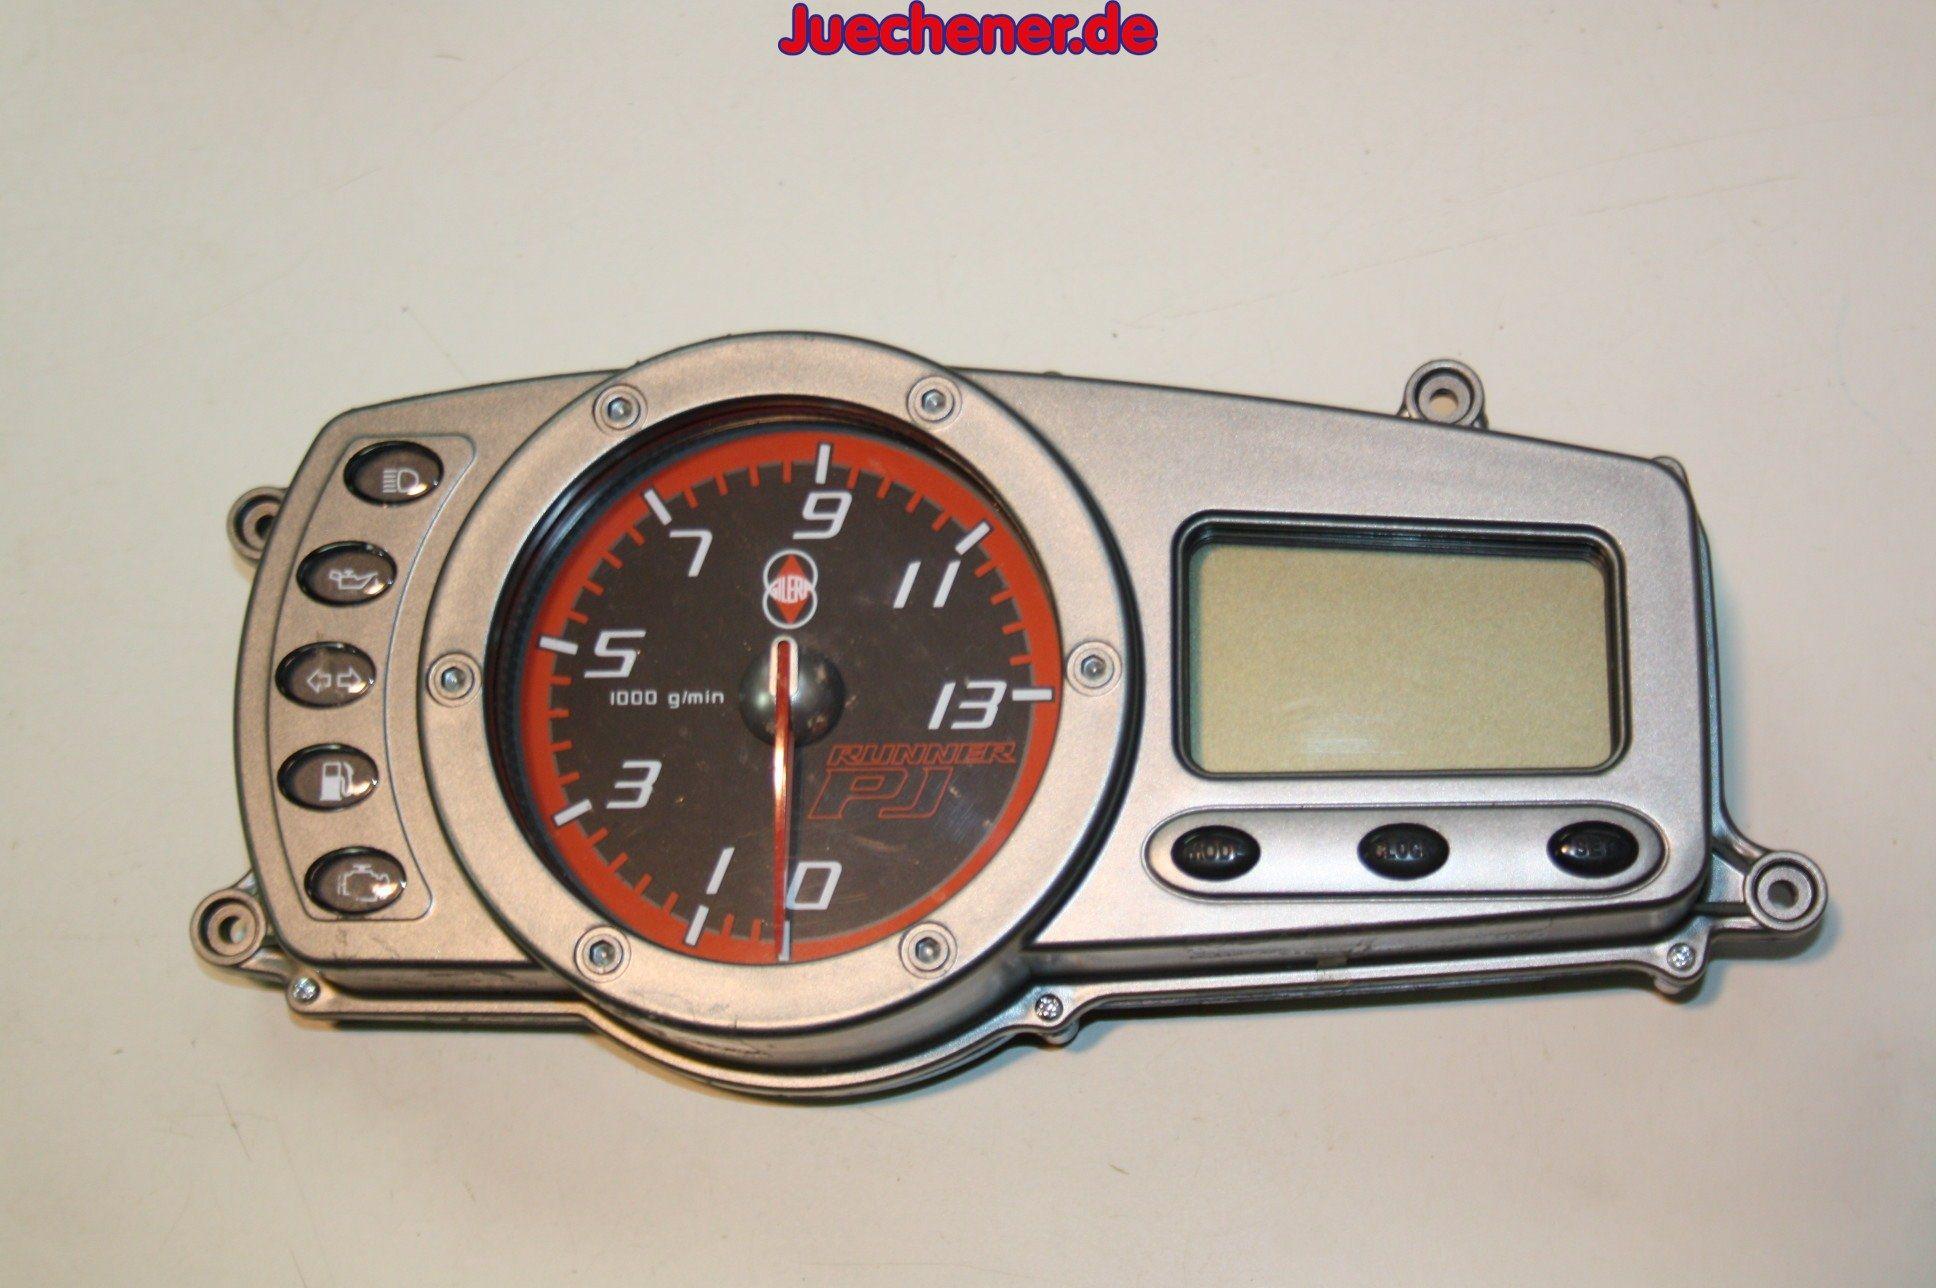 gilera runner 50 purejet c46 tacho tachometer cockpit. Black Bedroom Furniture Sets. Home Design Ideas